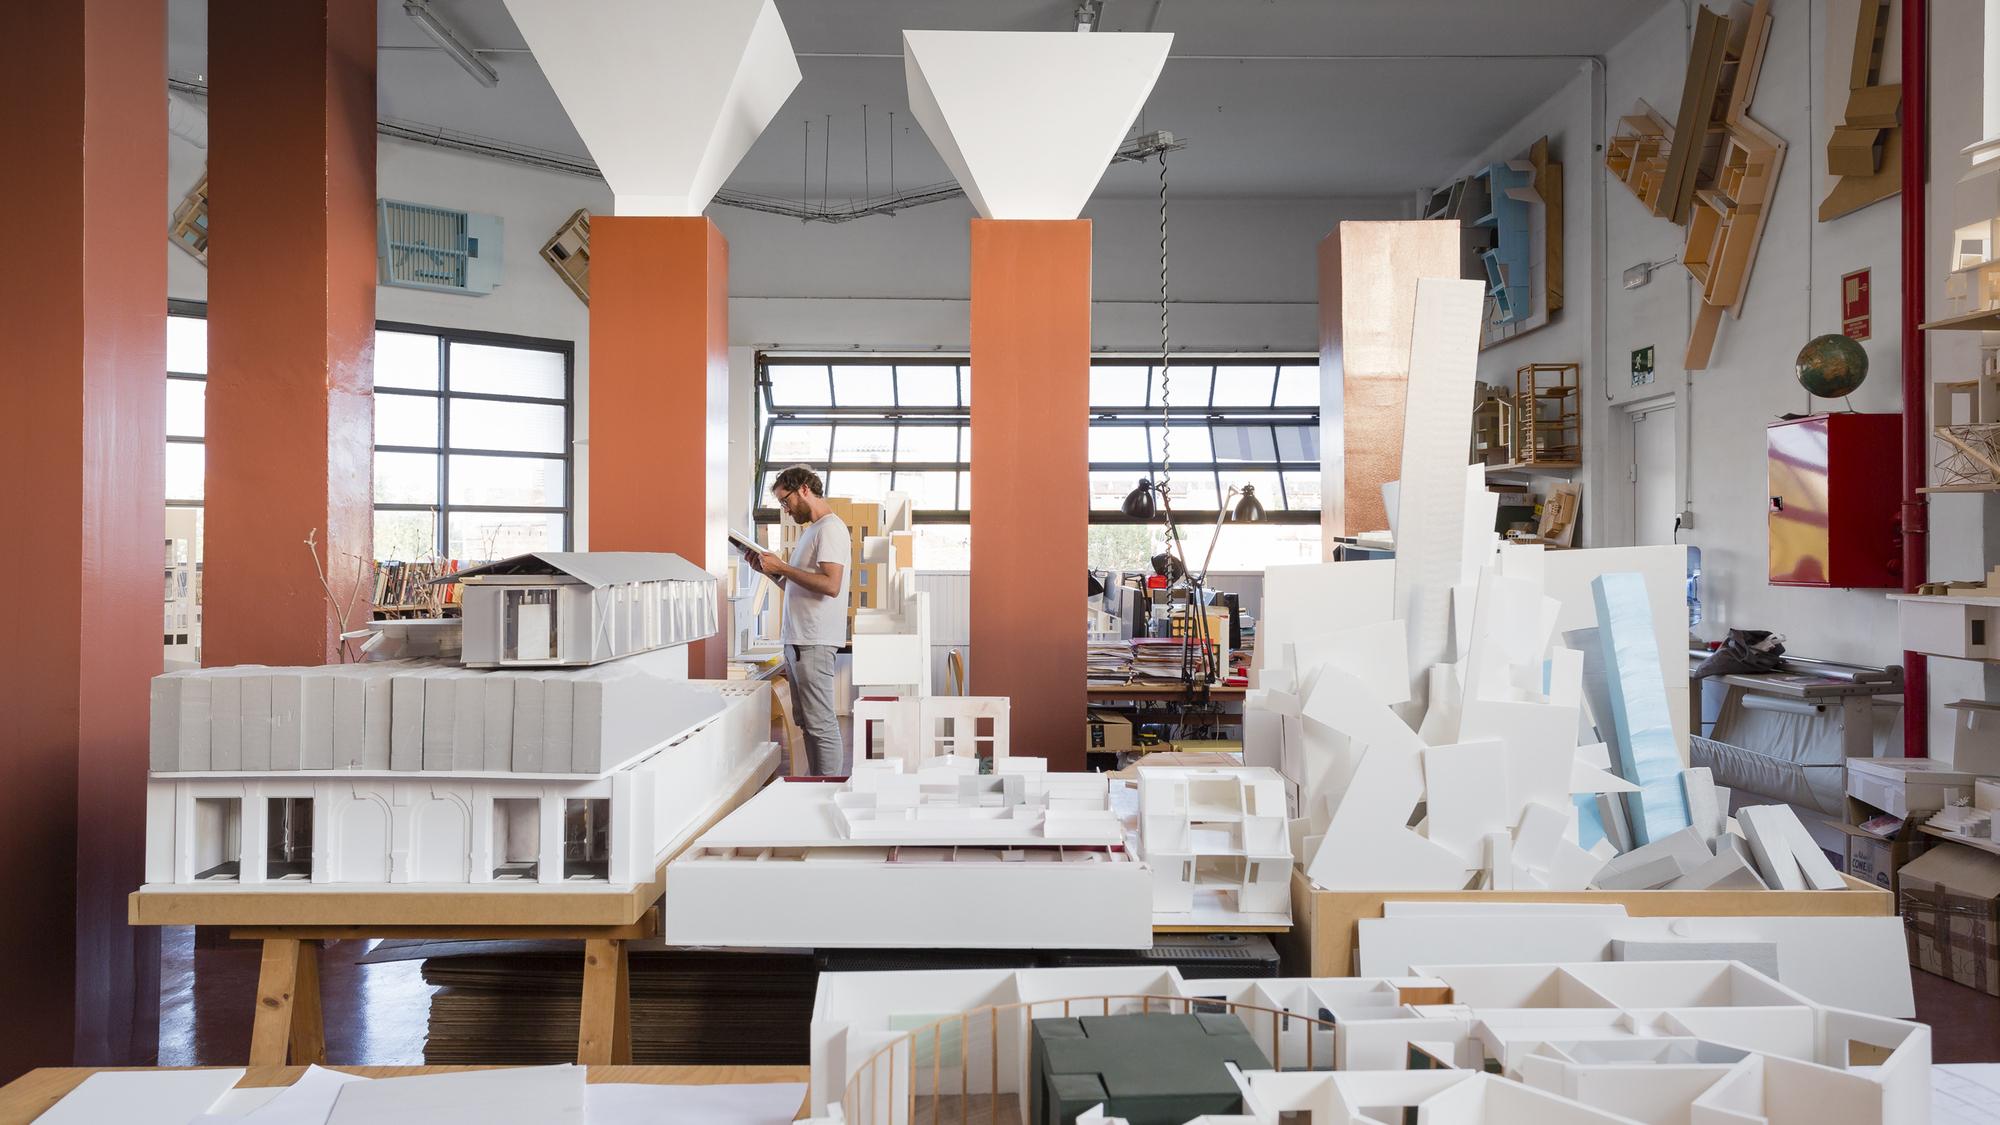 Galeria de escrit rios de arquitetura de barcelona pelas - Despacho arquitectura barcelona ...